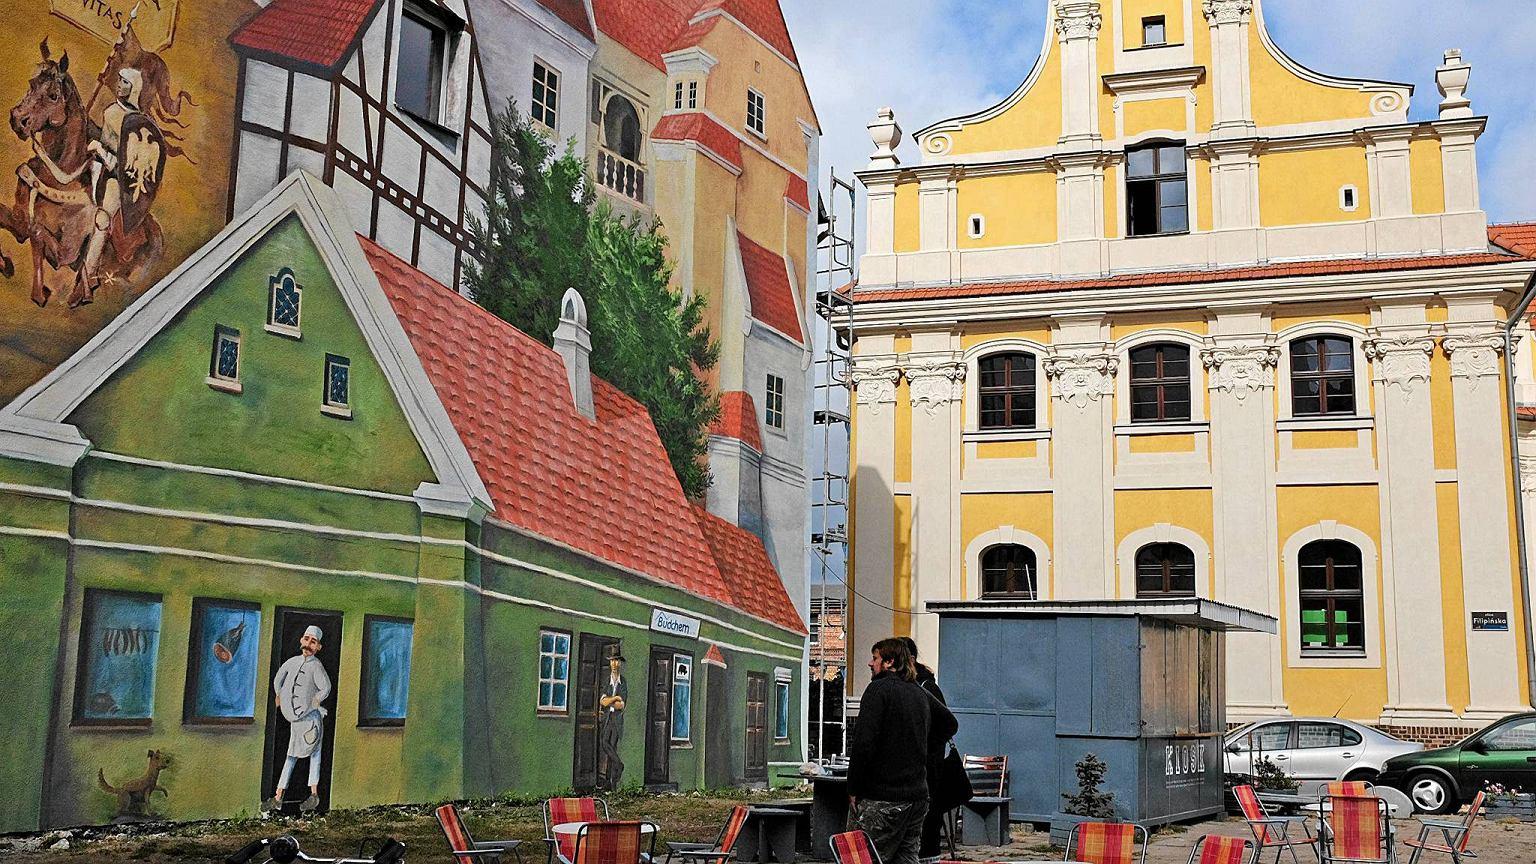 Tr bacz na dachu czyli nowy mural na r dce for Mural na tamie w solinie